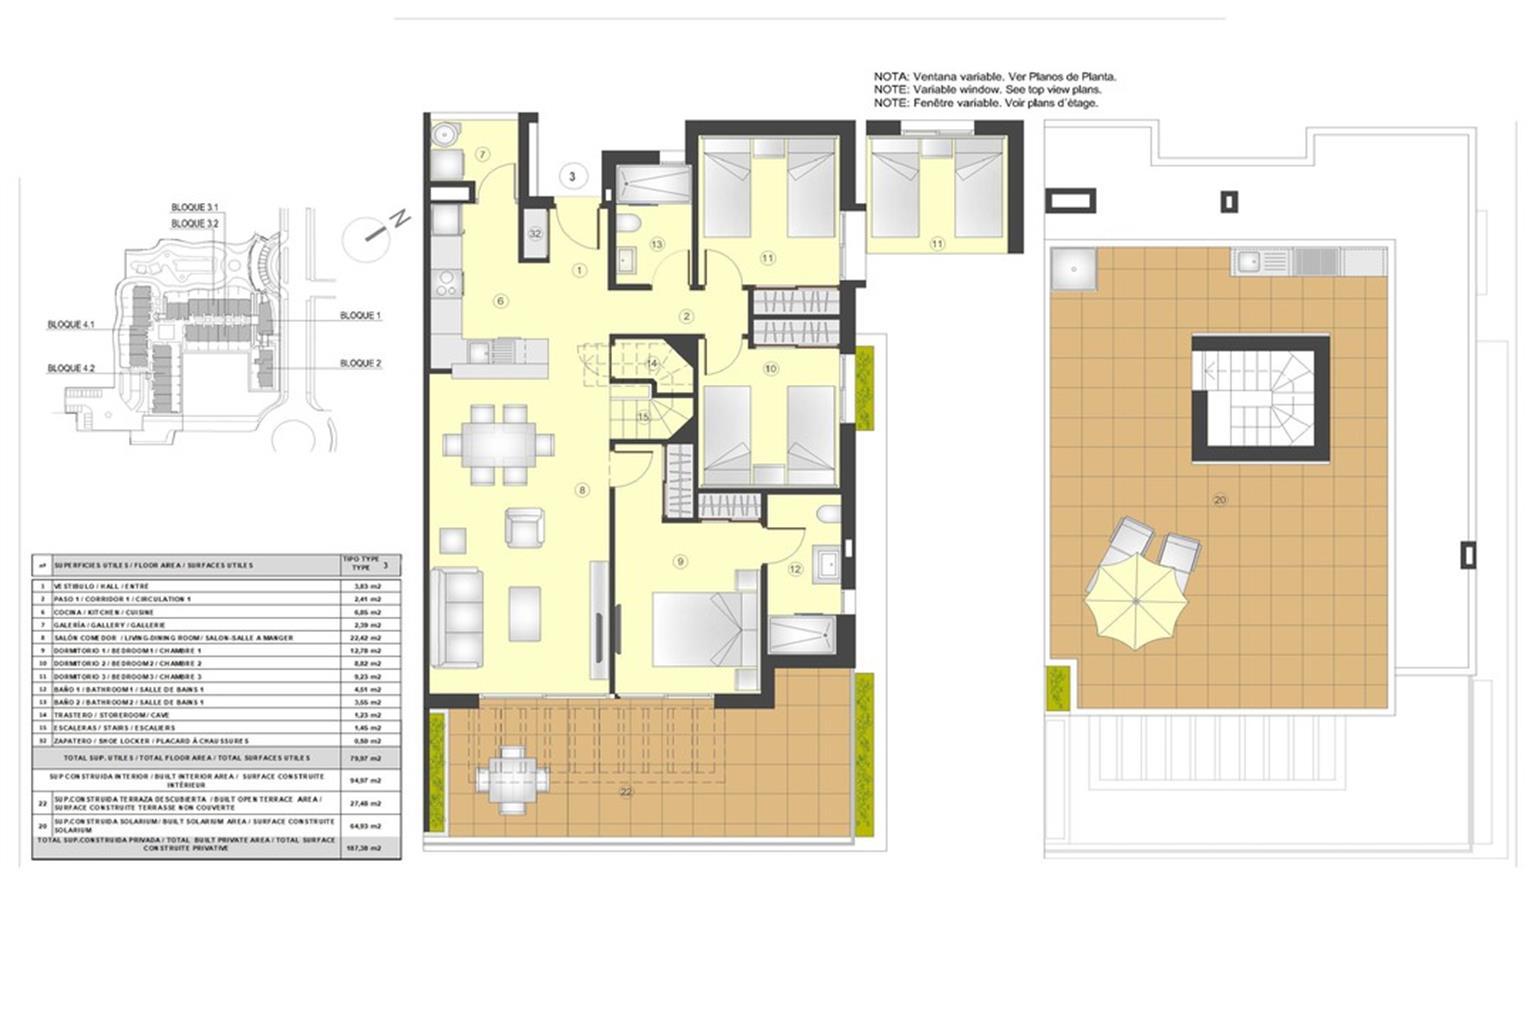 Appartement - Orihuela Costa - #4228409-34